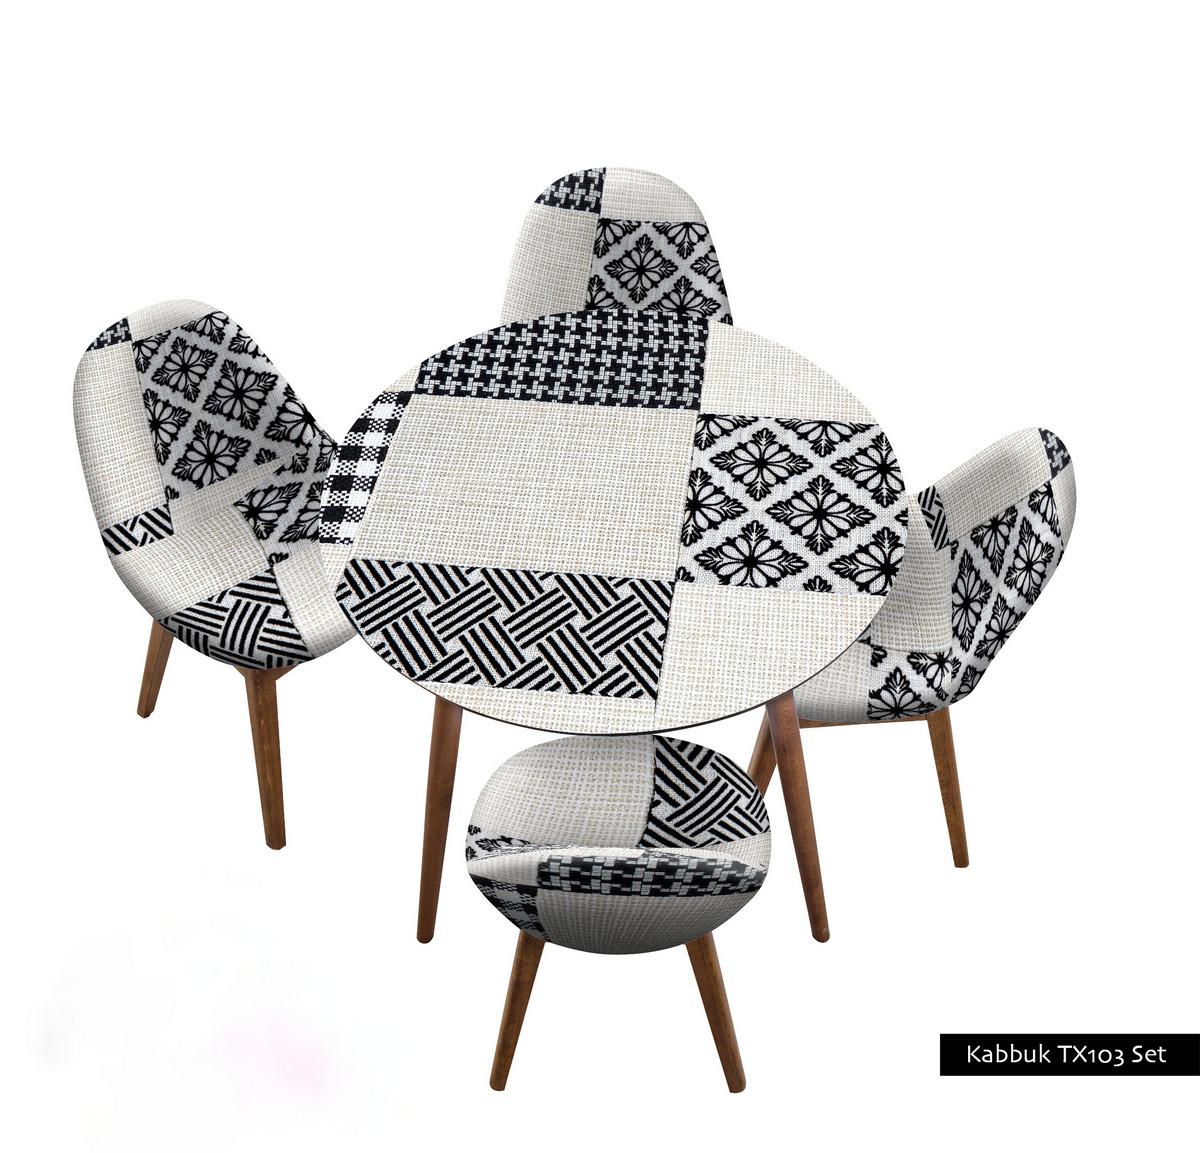 Мебельный  комплект KABBUK